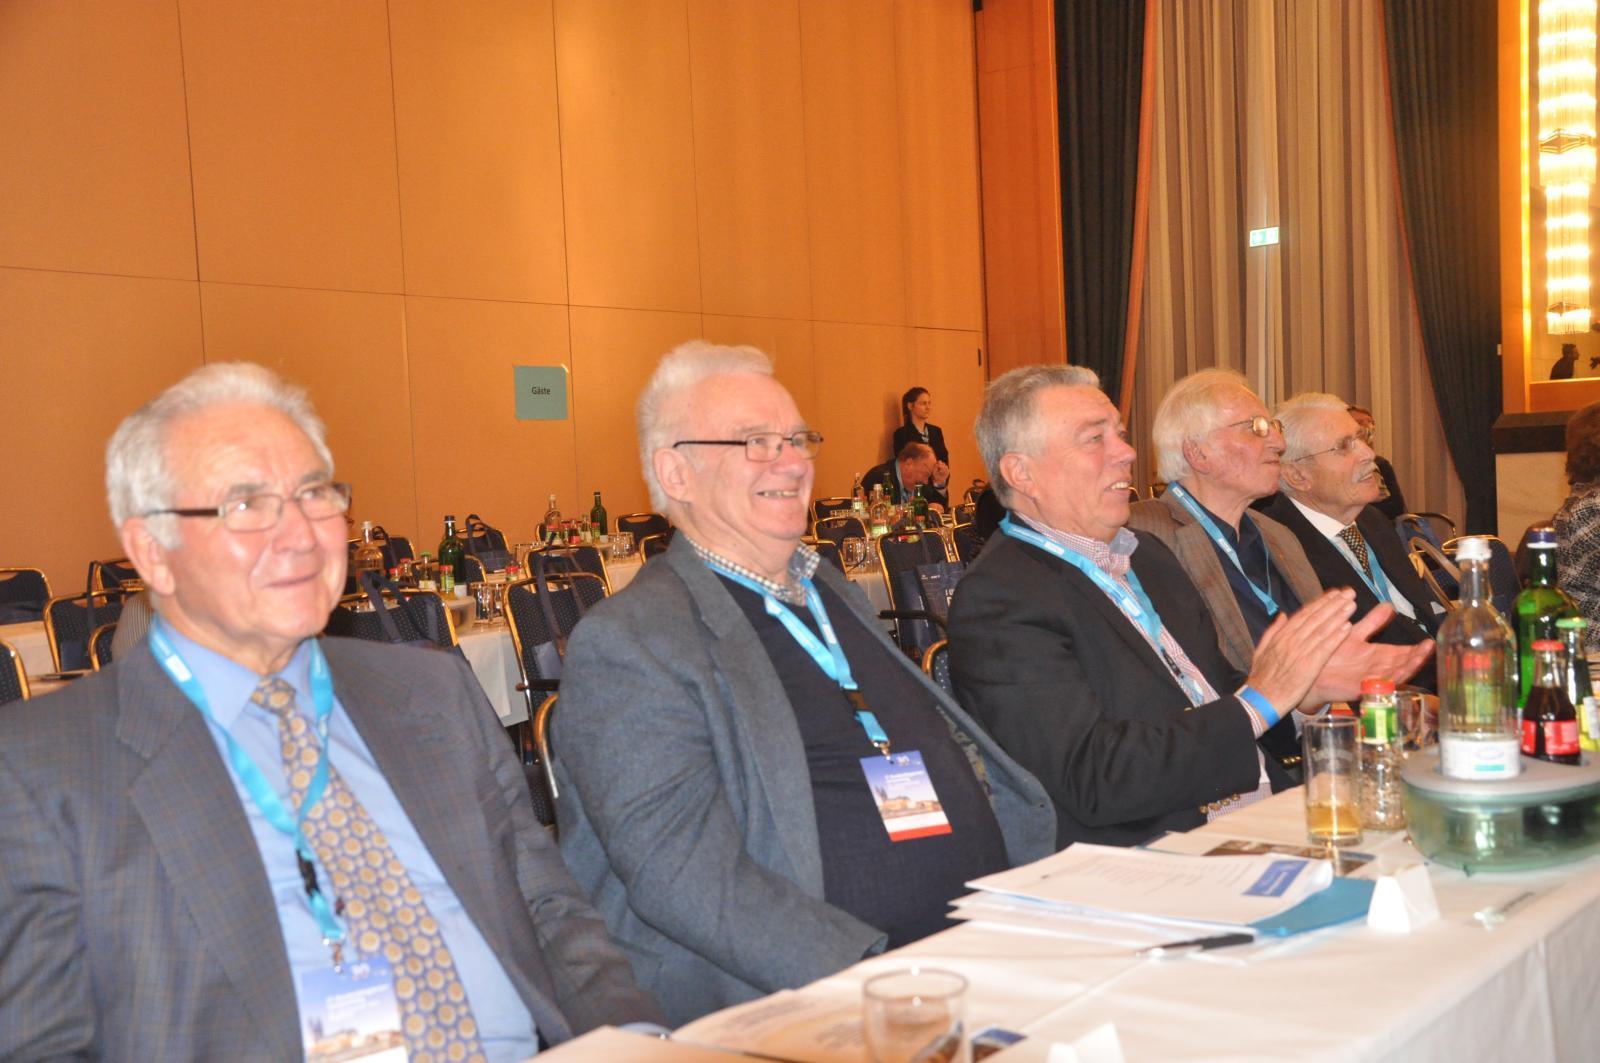 SU-Bundesdelegiertenversammlung-2018_011.jpg